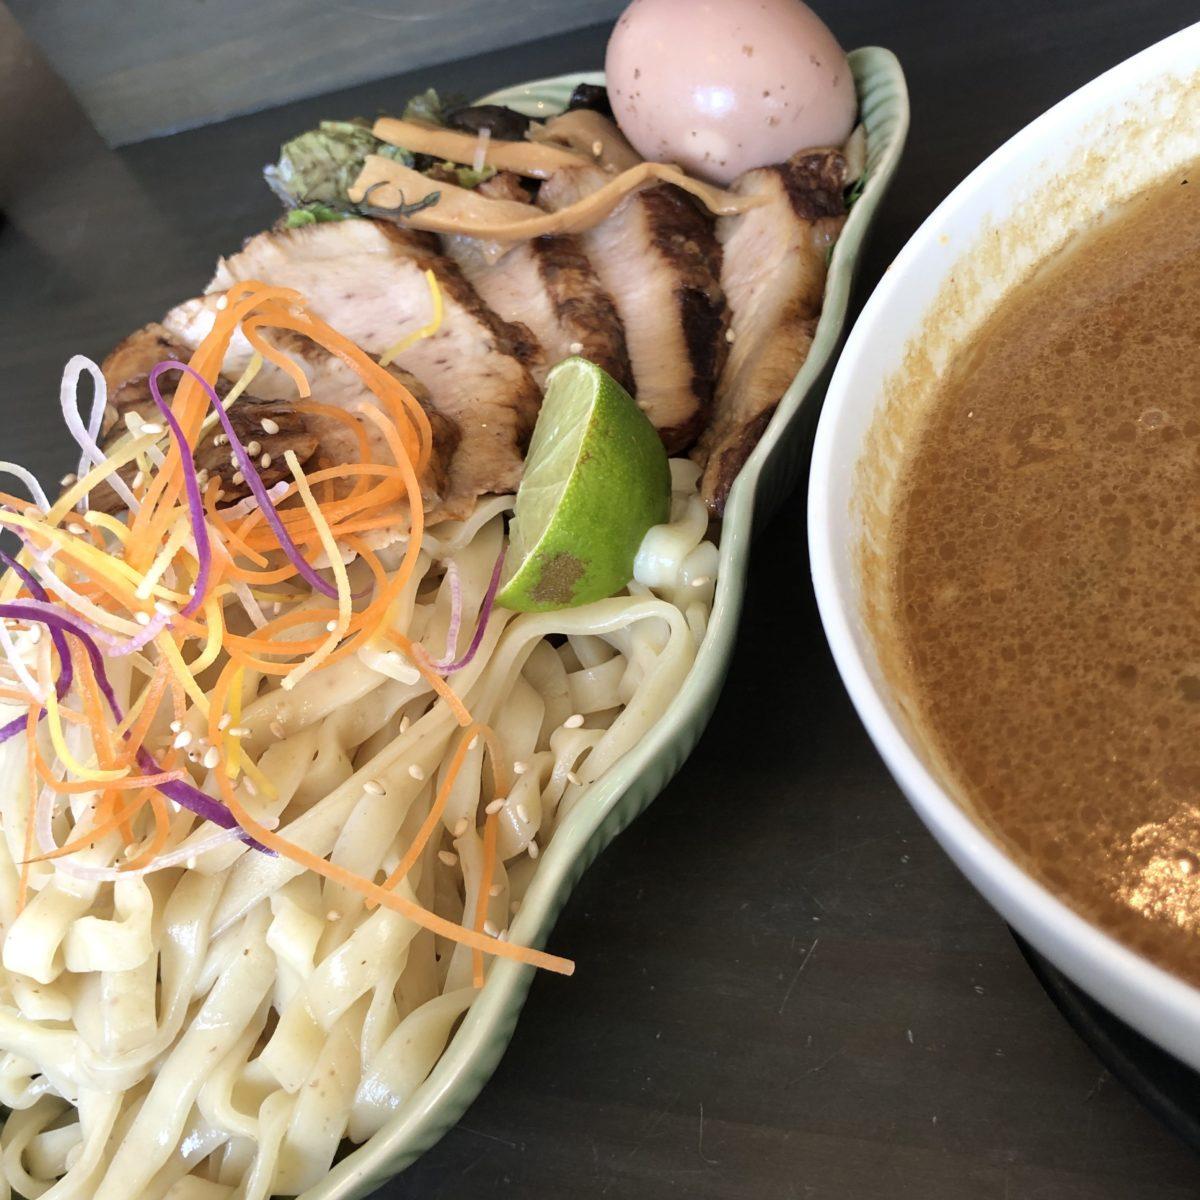 【鎌倉】一閑人でつけ麺ランチ!アジアンテイストな激辛ラーメンにおすすめ!